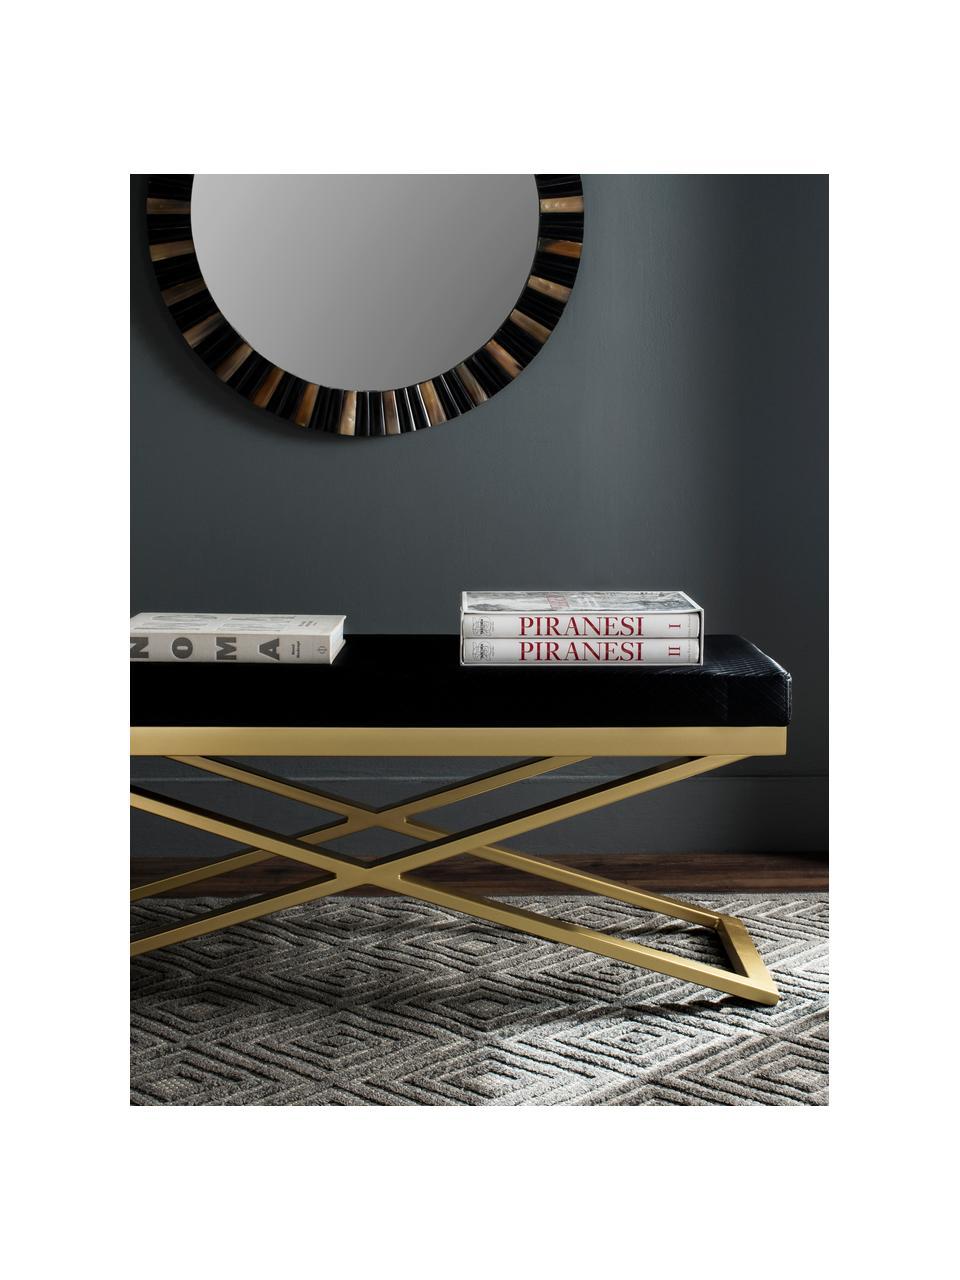 Kunstleder-Sitzbank Susan, Gestell: Stahl, lackiert, Bezug: Kunstleder (Polyurethan) , Schwarz, Goldfarben, 109 x 46 cm